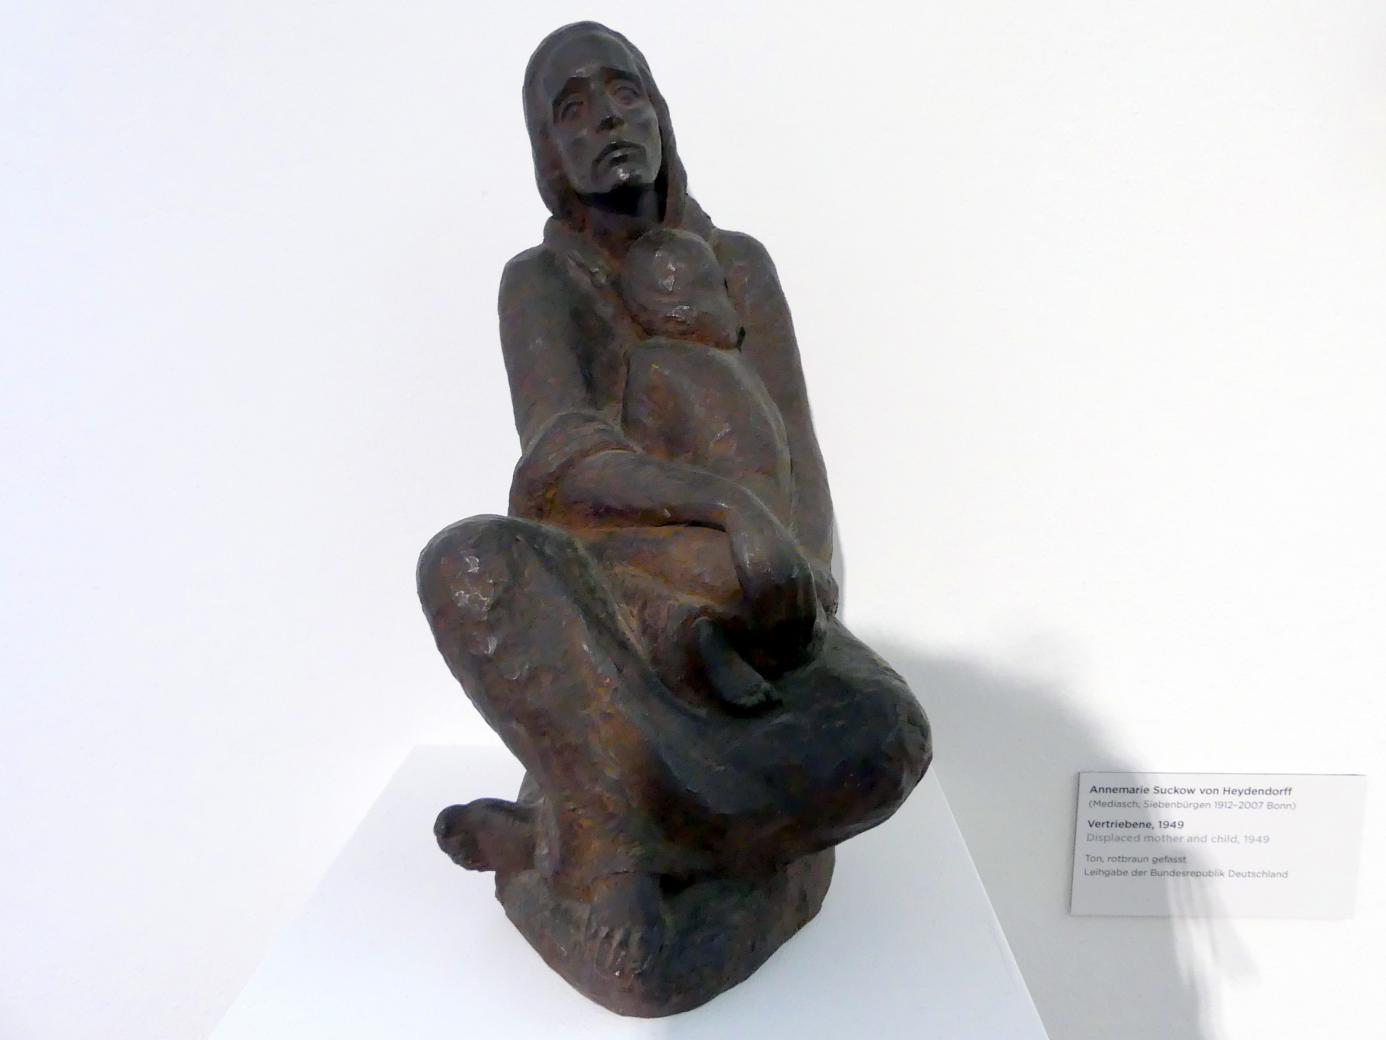 Annemarie Suckow von Heydendorff: Vertriebene, 1949